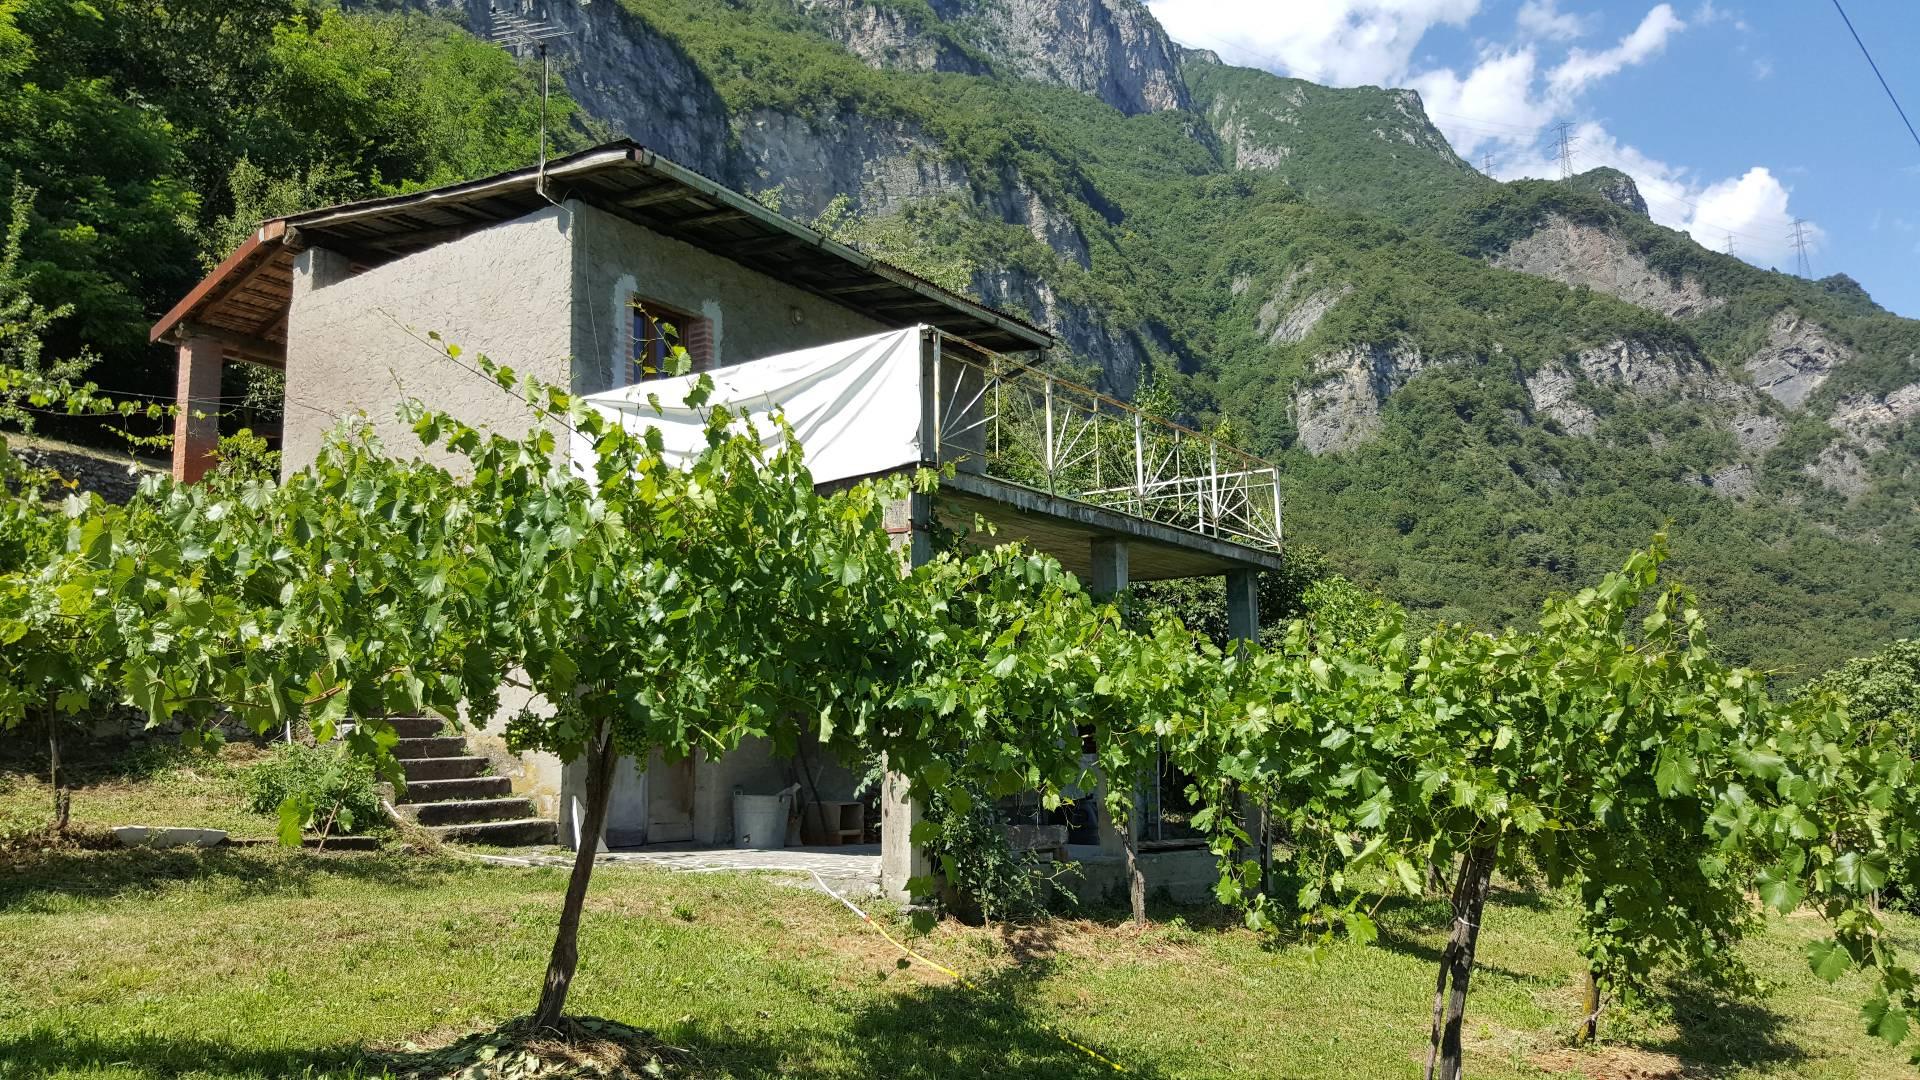 Rustico / Casale in vendita a Darfo Boario Terme, 5 locali, zona Zona: Erbanno, prezzo € 120.000 | CambioCasa.it